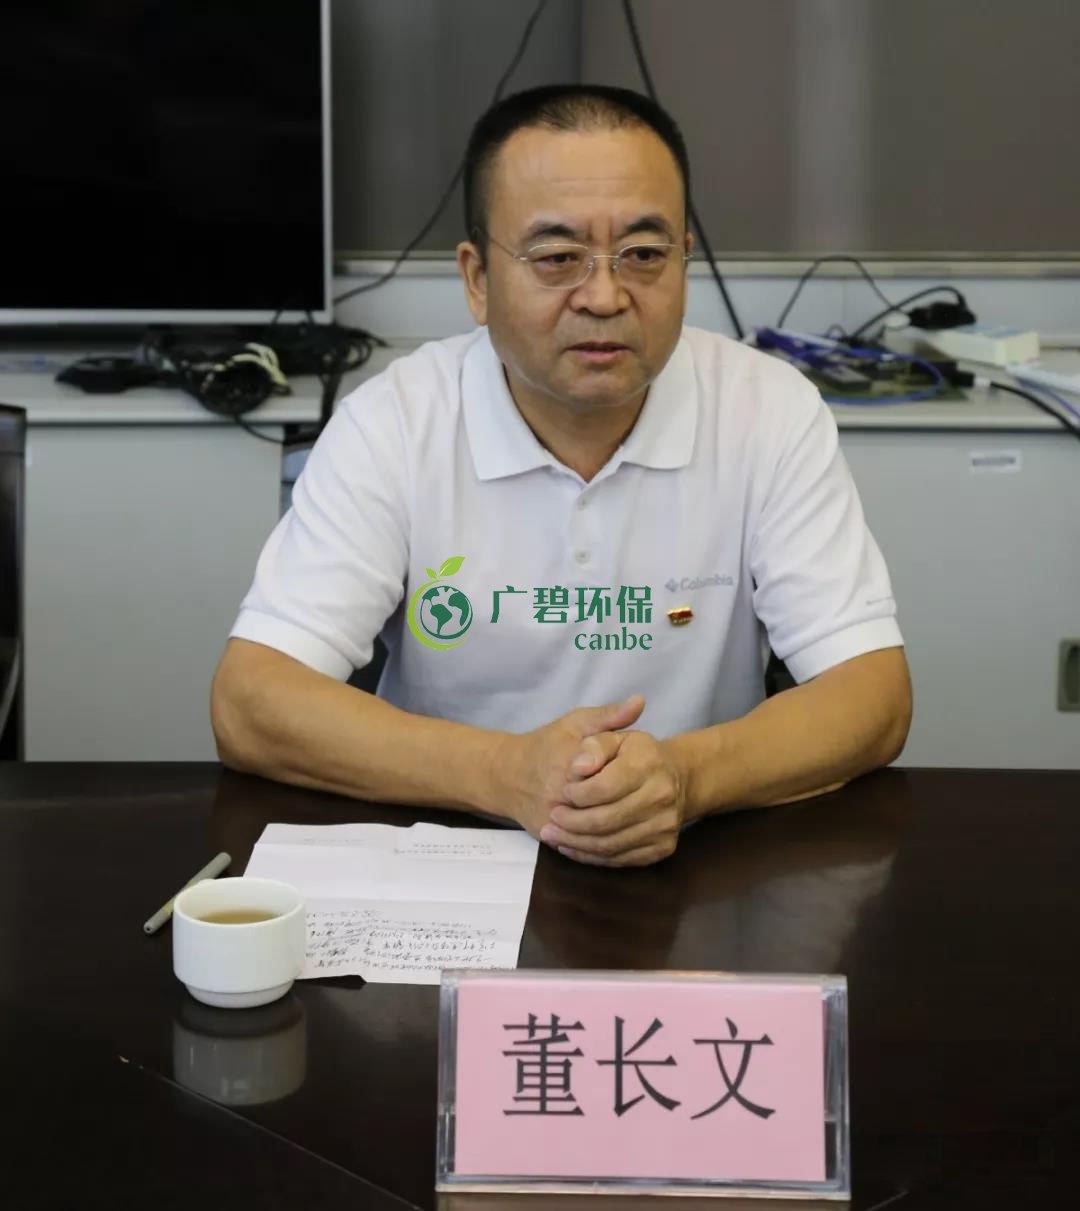 佛山市生态环境局顺德分局任命陈有环同志为顺德分局党组书记、局长